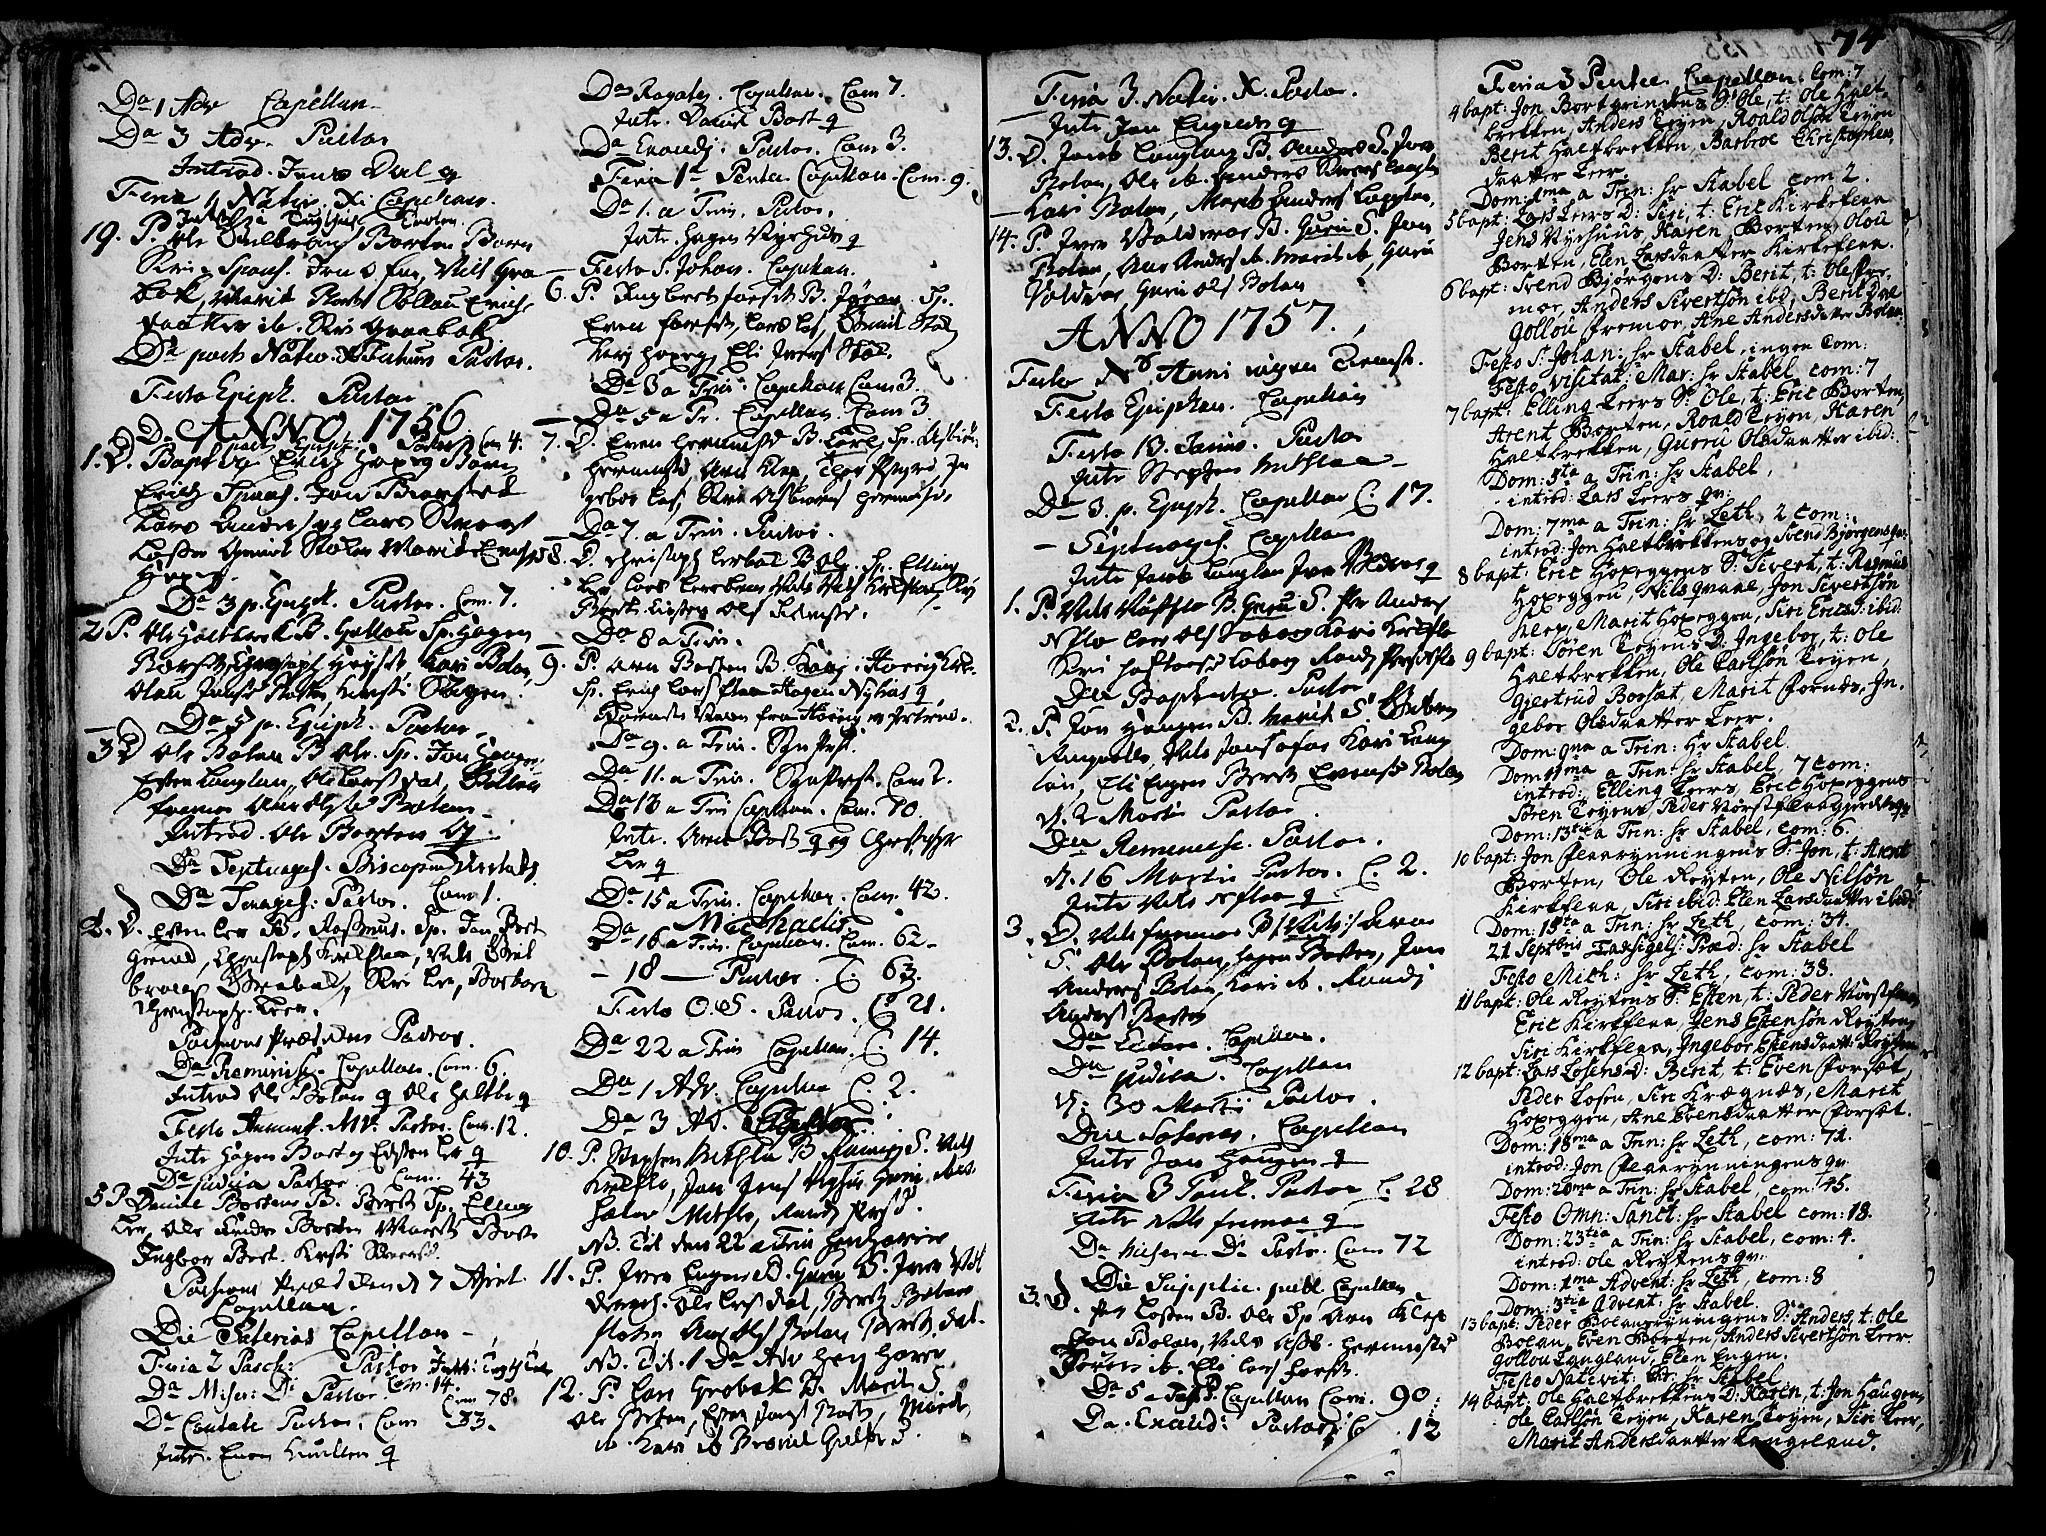 SAT, Ministerialprotokoller, klokkerbøker og fødselsregistre - Sør-Trøndelag, 691/L1058: Ministerialbok nr. 691A01 /2, 1740-1767, s. 74